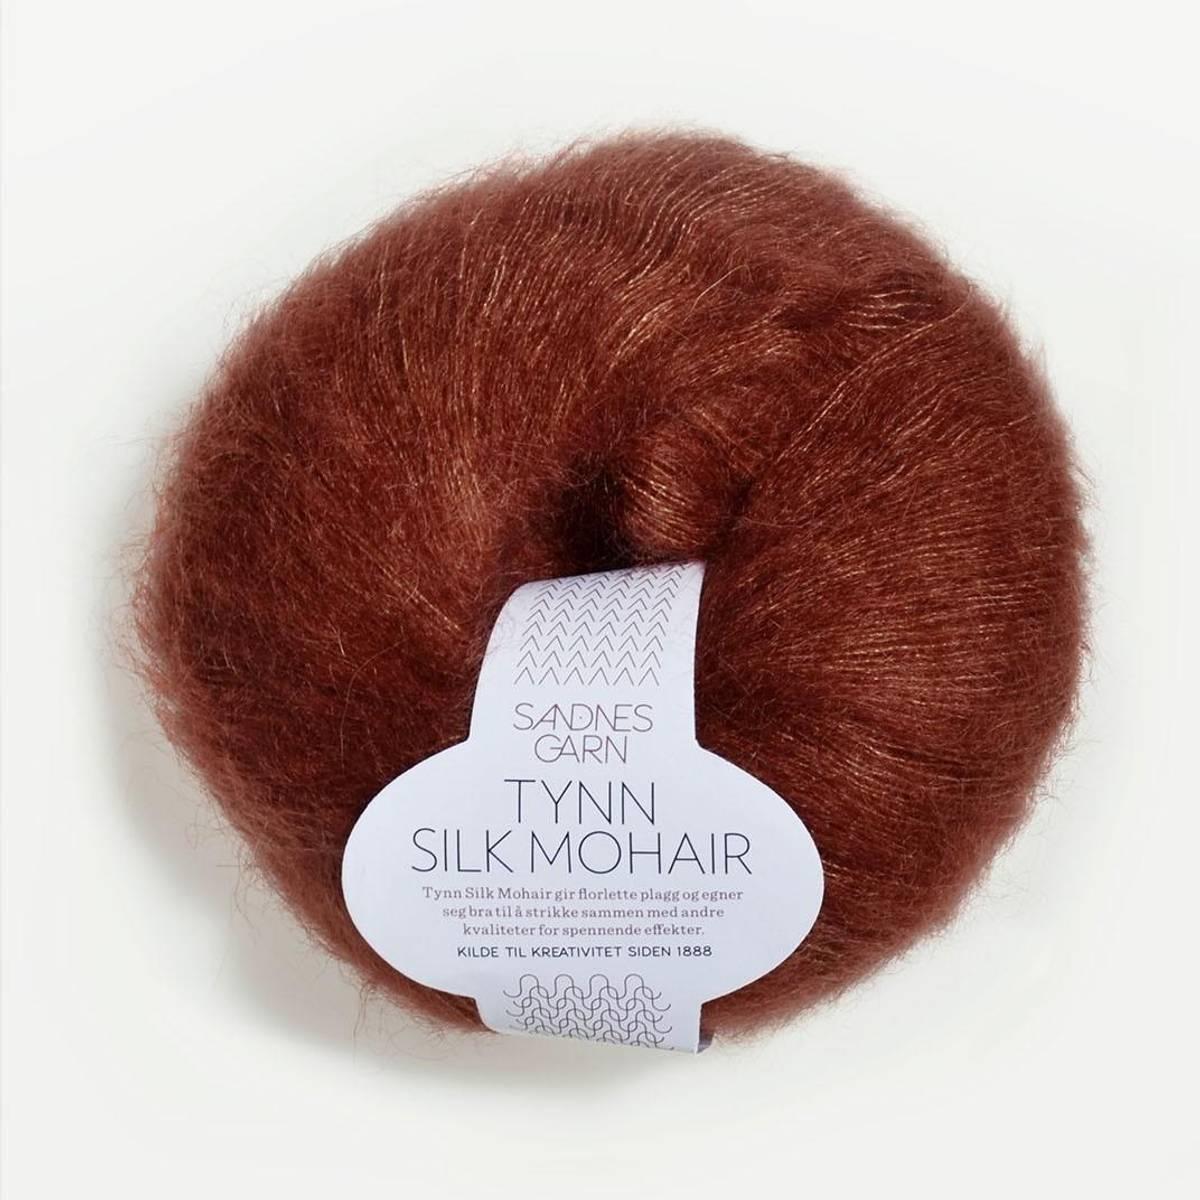 Tynn Silk Mohair - 3554 Rust